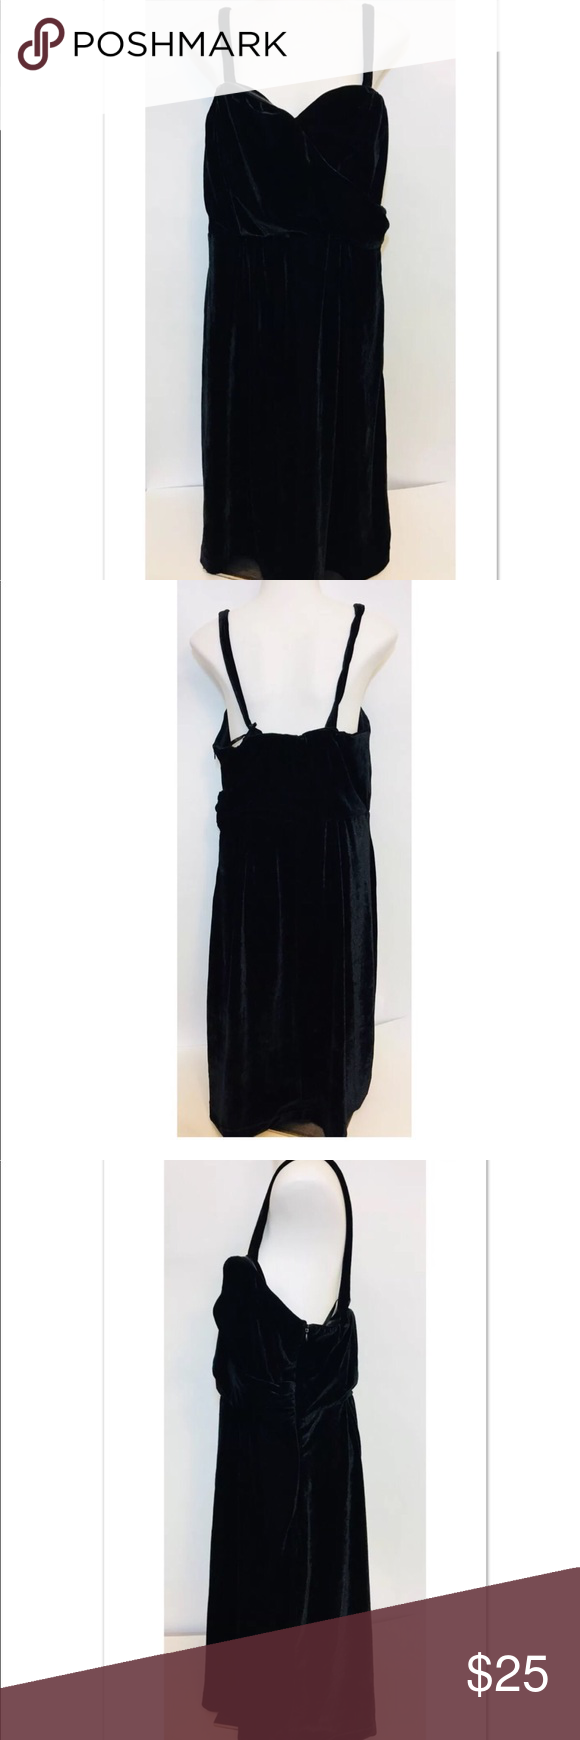 8fb42a53844 Spotted while shopping on Poshmark  Lane Bryant size 16 black velvet  sleeveless dress!  poshmark  fashion  shopping  style  Lane Bryant  Dresses    Skirts